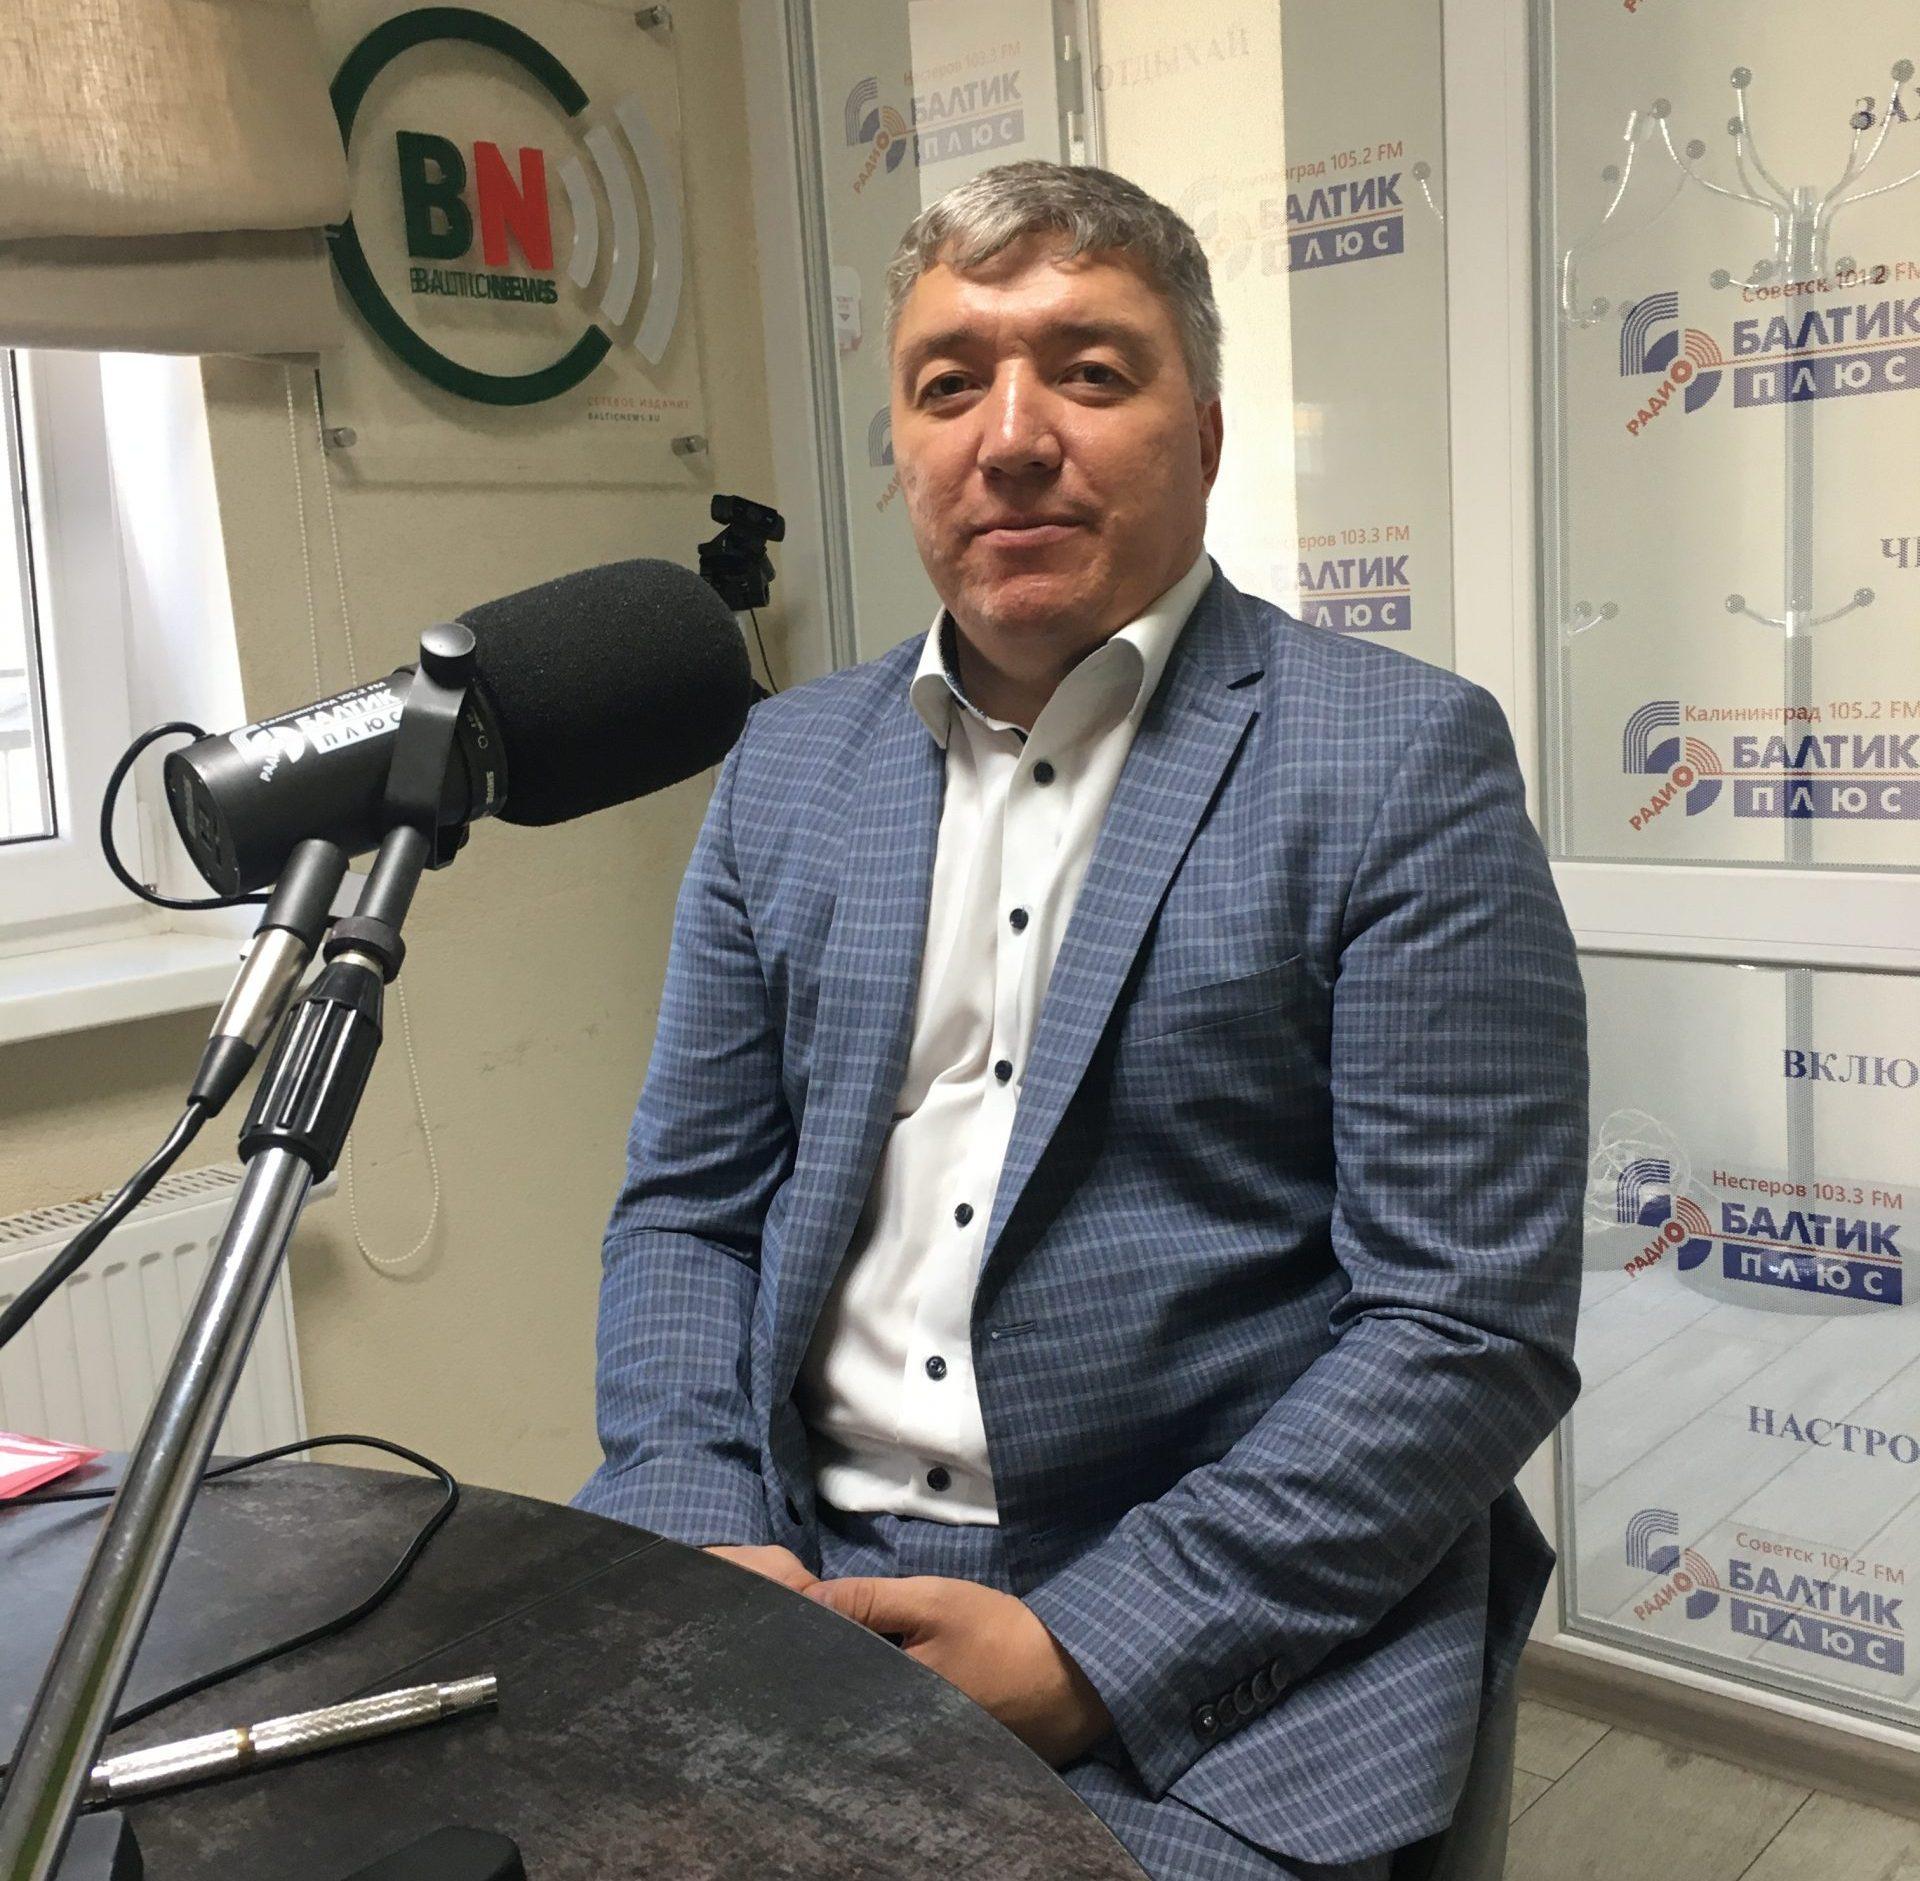 С начала года калининградцев оштрафовали на 2,4 млн рублей за незаконную торговлю